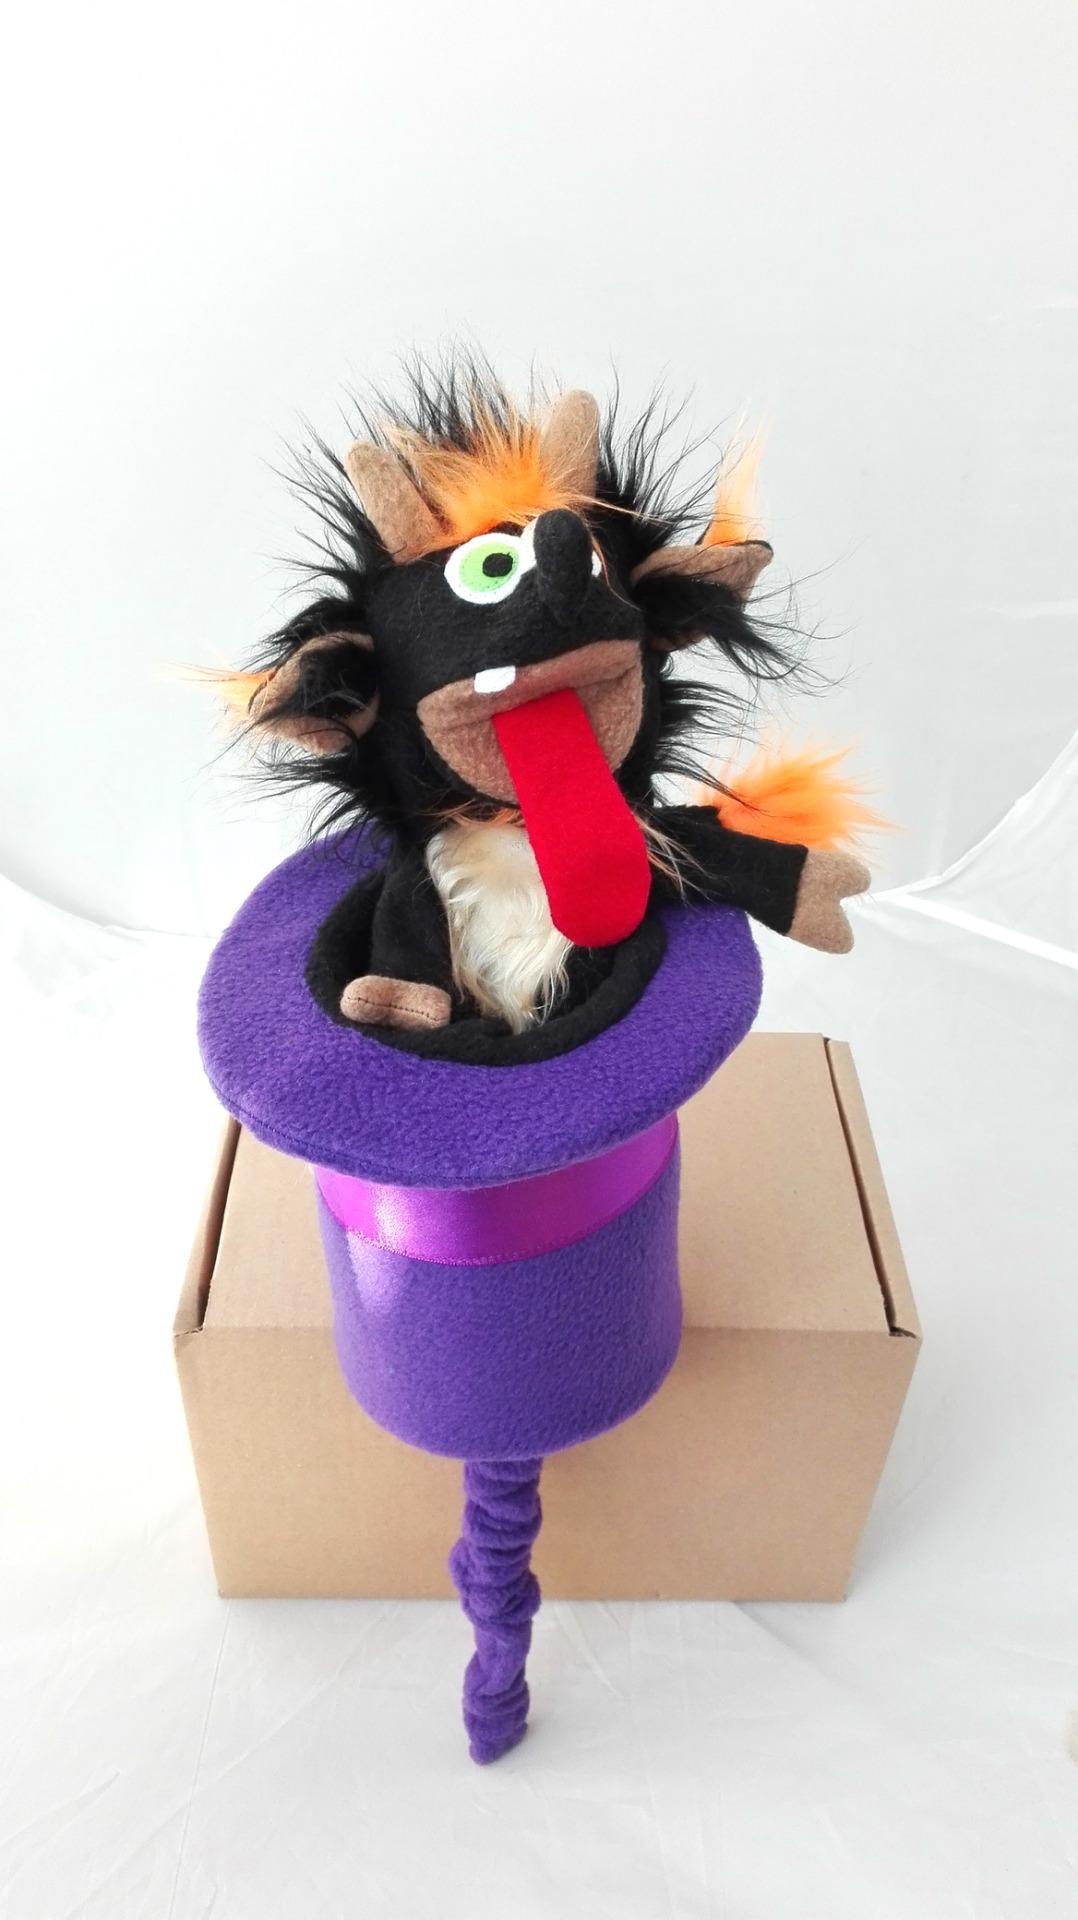 Большой дергунчик или кукла-прятка Чертенок. Появляется из шляпы